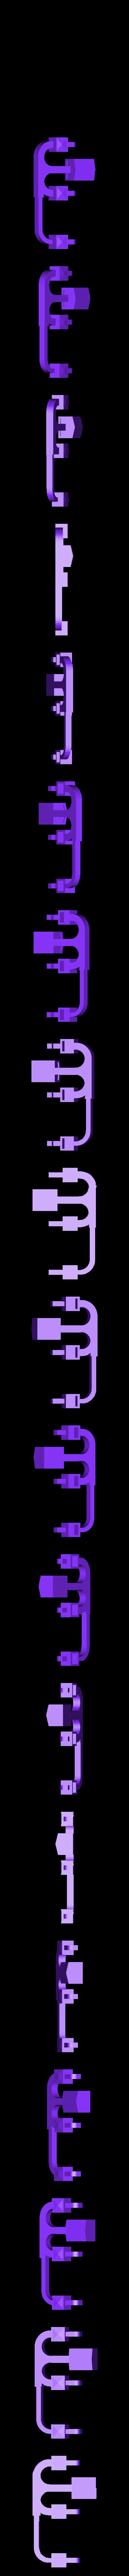 HVAC.stl Télécharger fichier STL gratuit Opérations de triage à l'échelle HO • Design imprimable en 3D, kabrumble